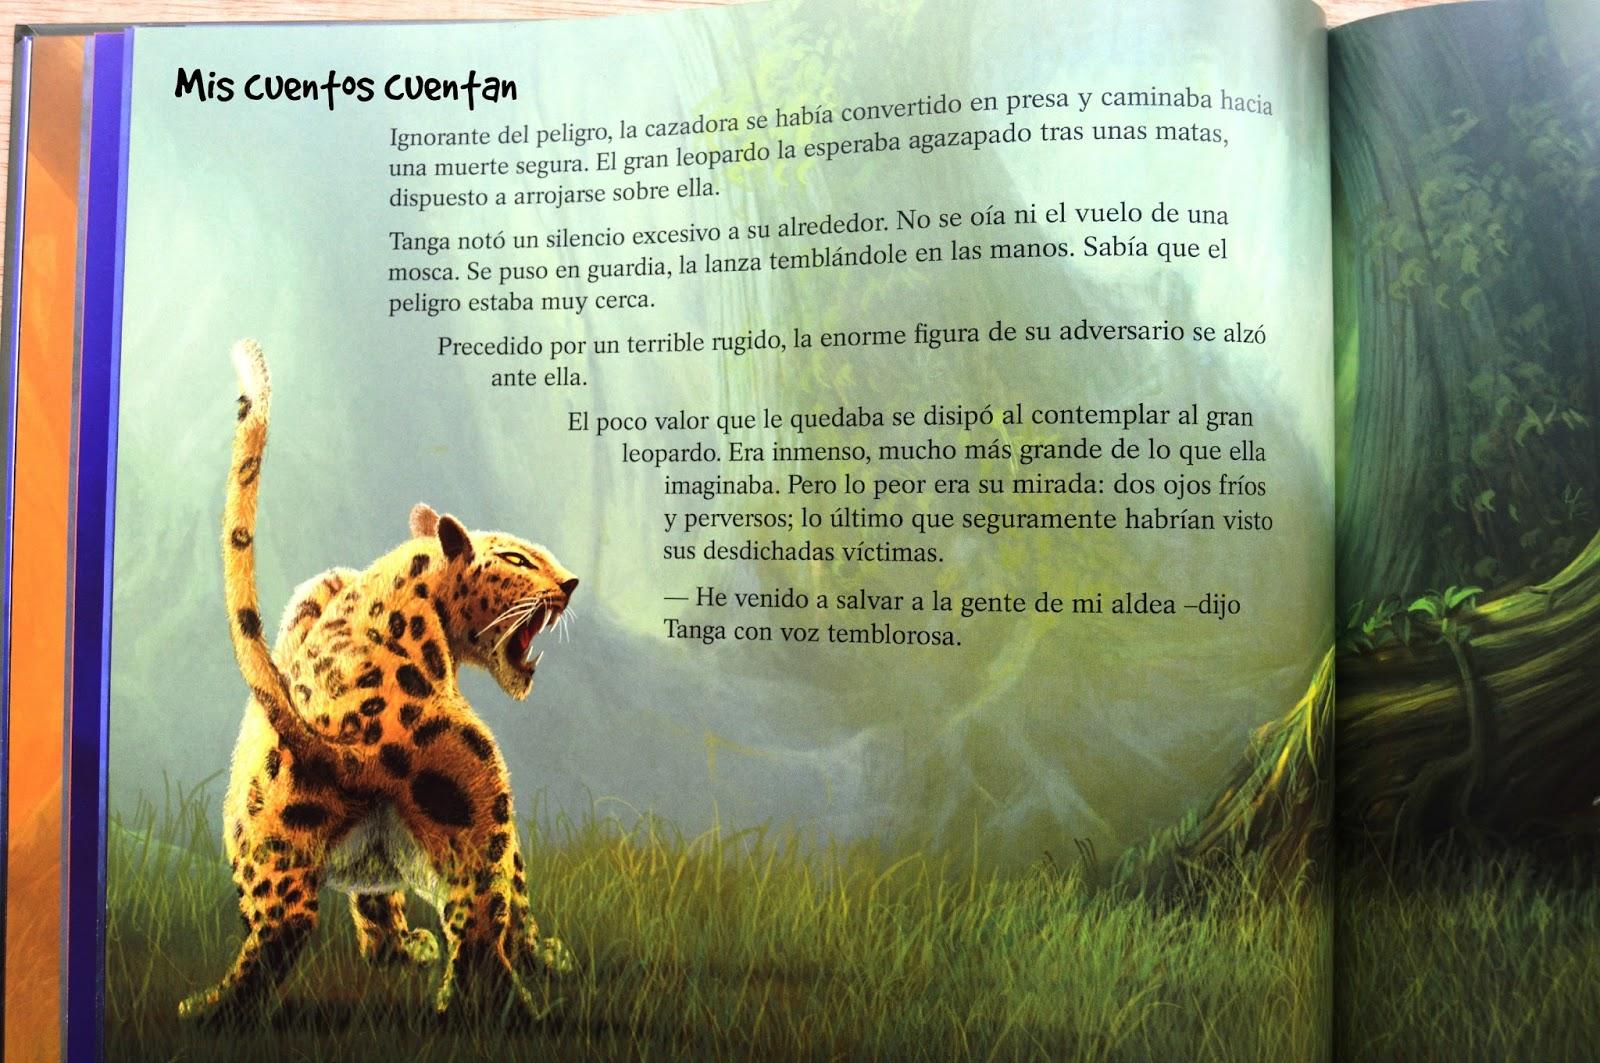 Mis cuentos cuentan: Tanga y el gran leopardo